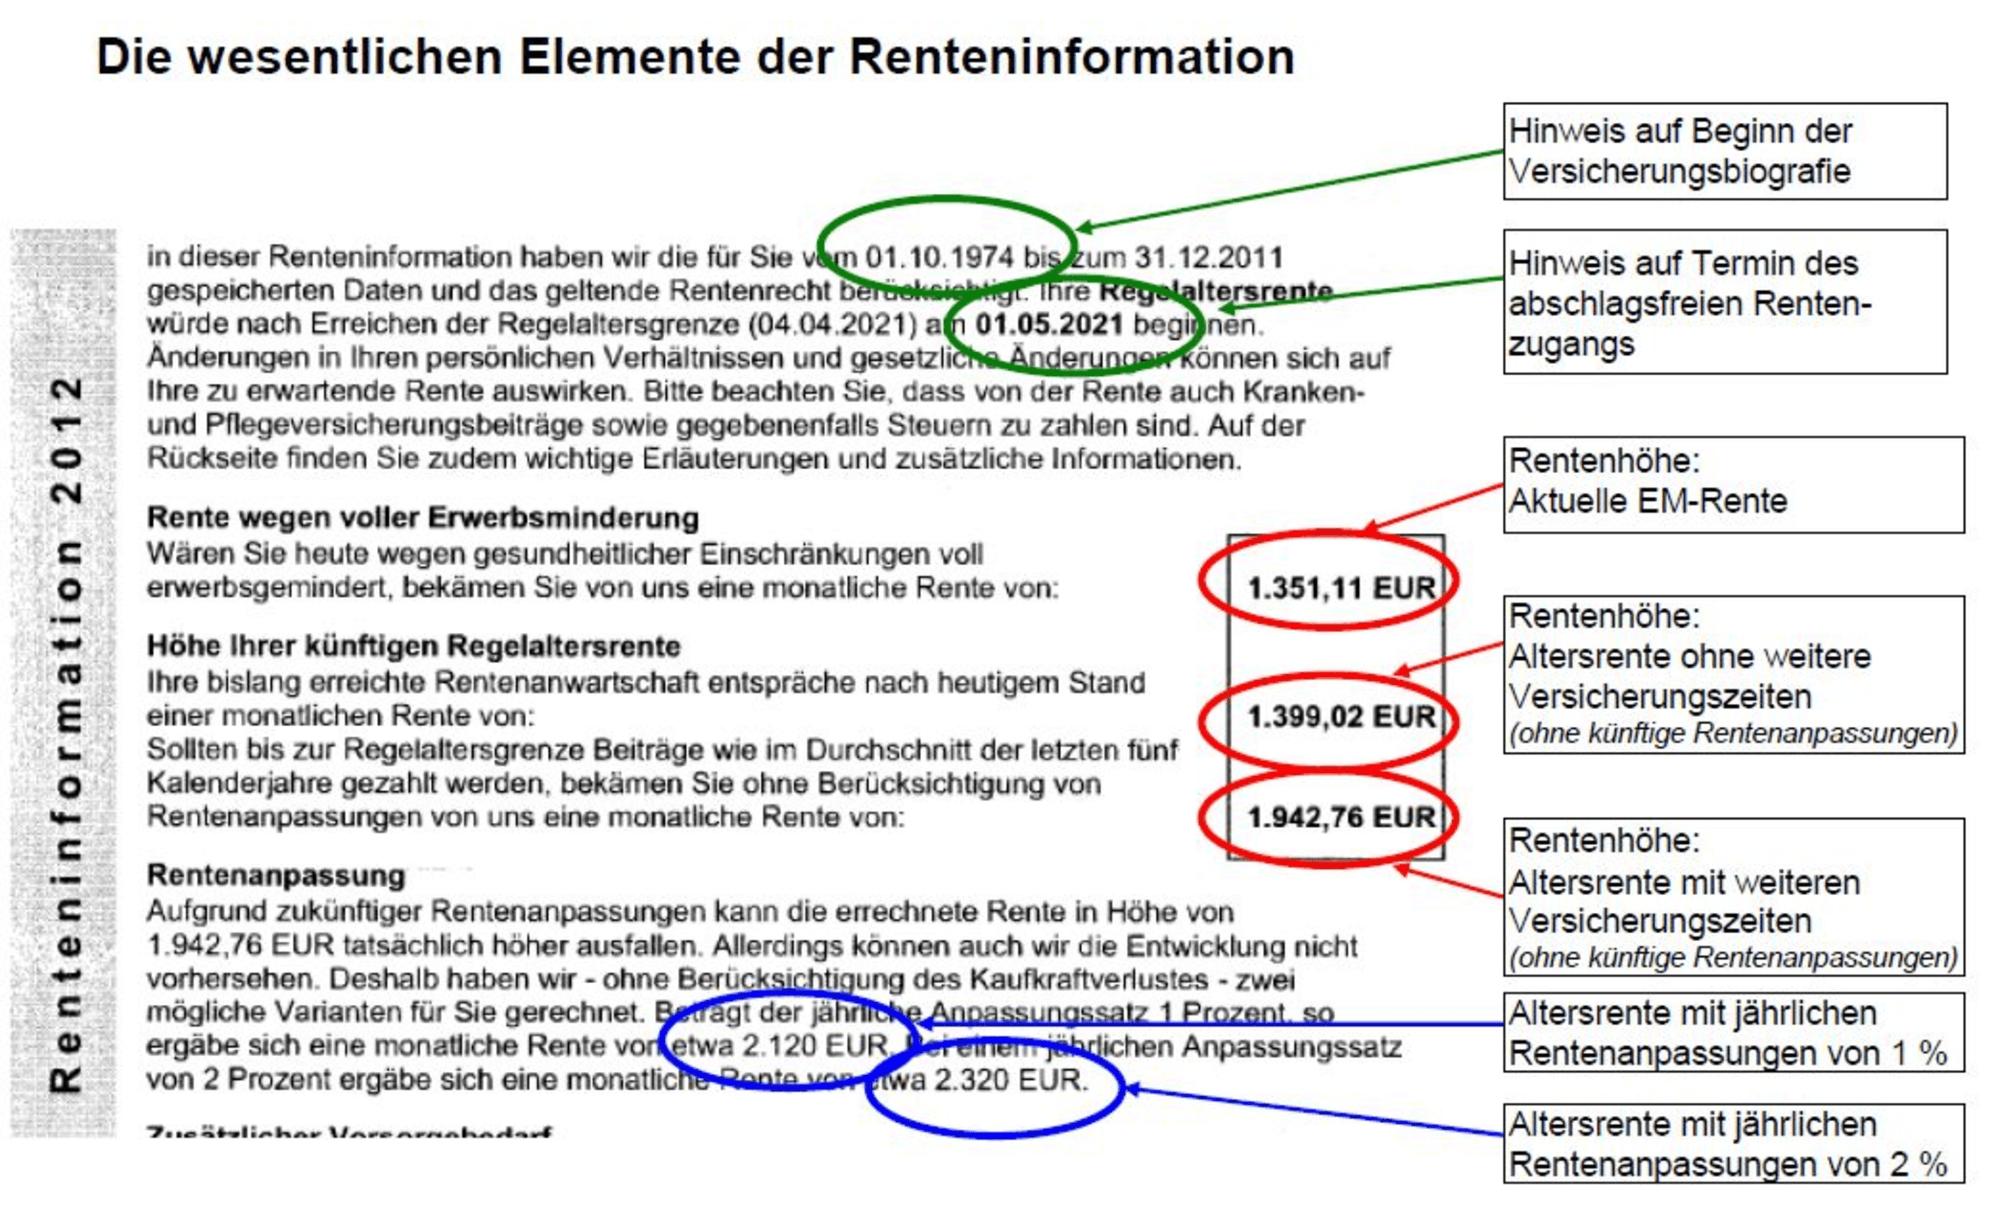 Скриншот с сайта финансового консультанта: так как самому разобраться в письме о пенсии практически невозможно, немцы часто прибегают к помощи консультантов, которые помогут всё разложить по полочкам